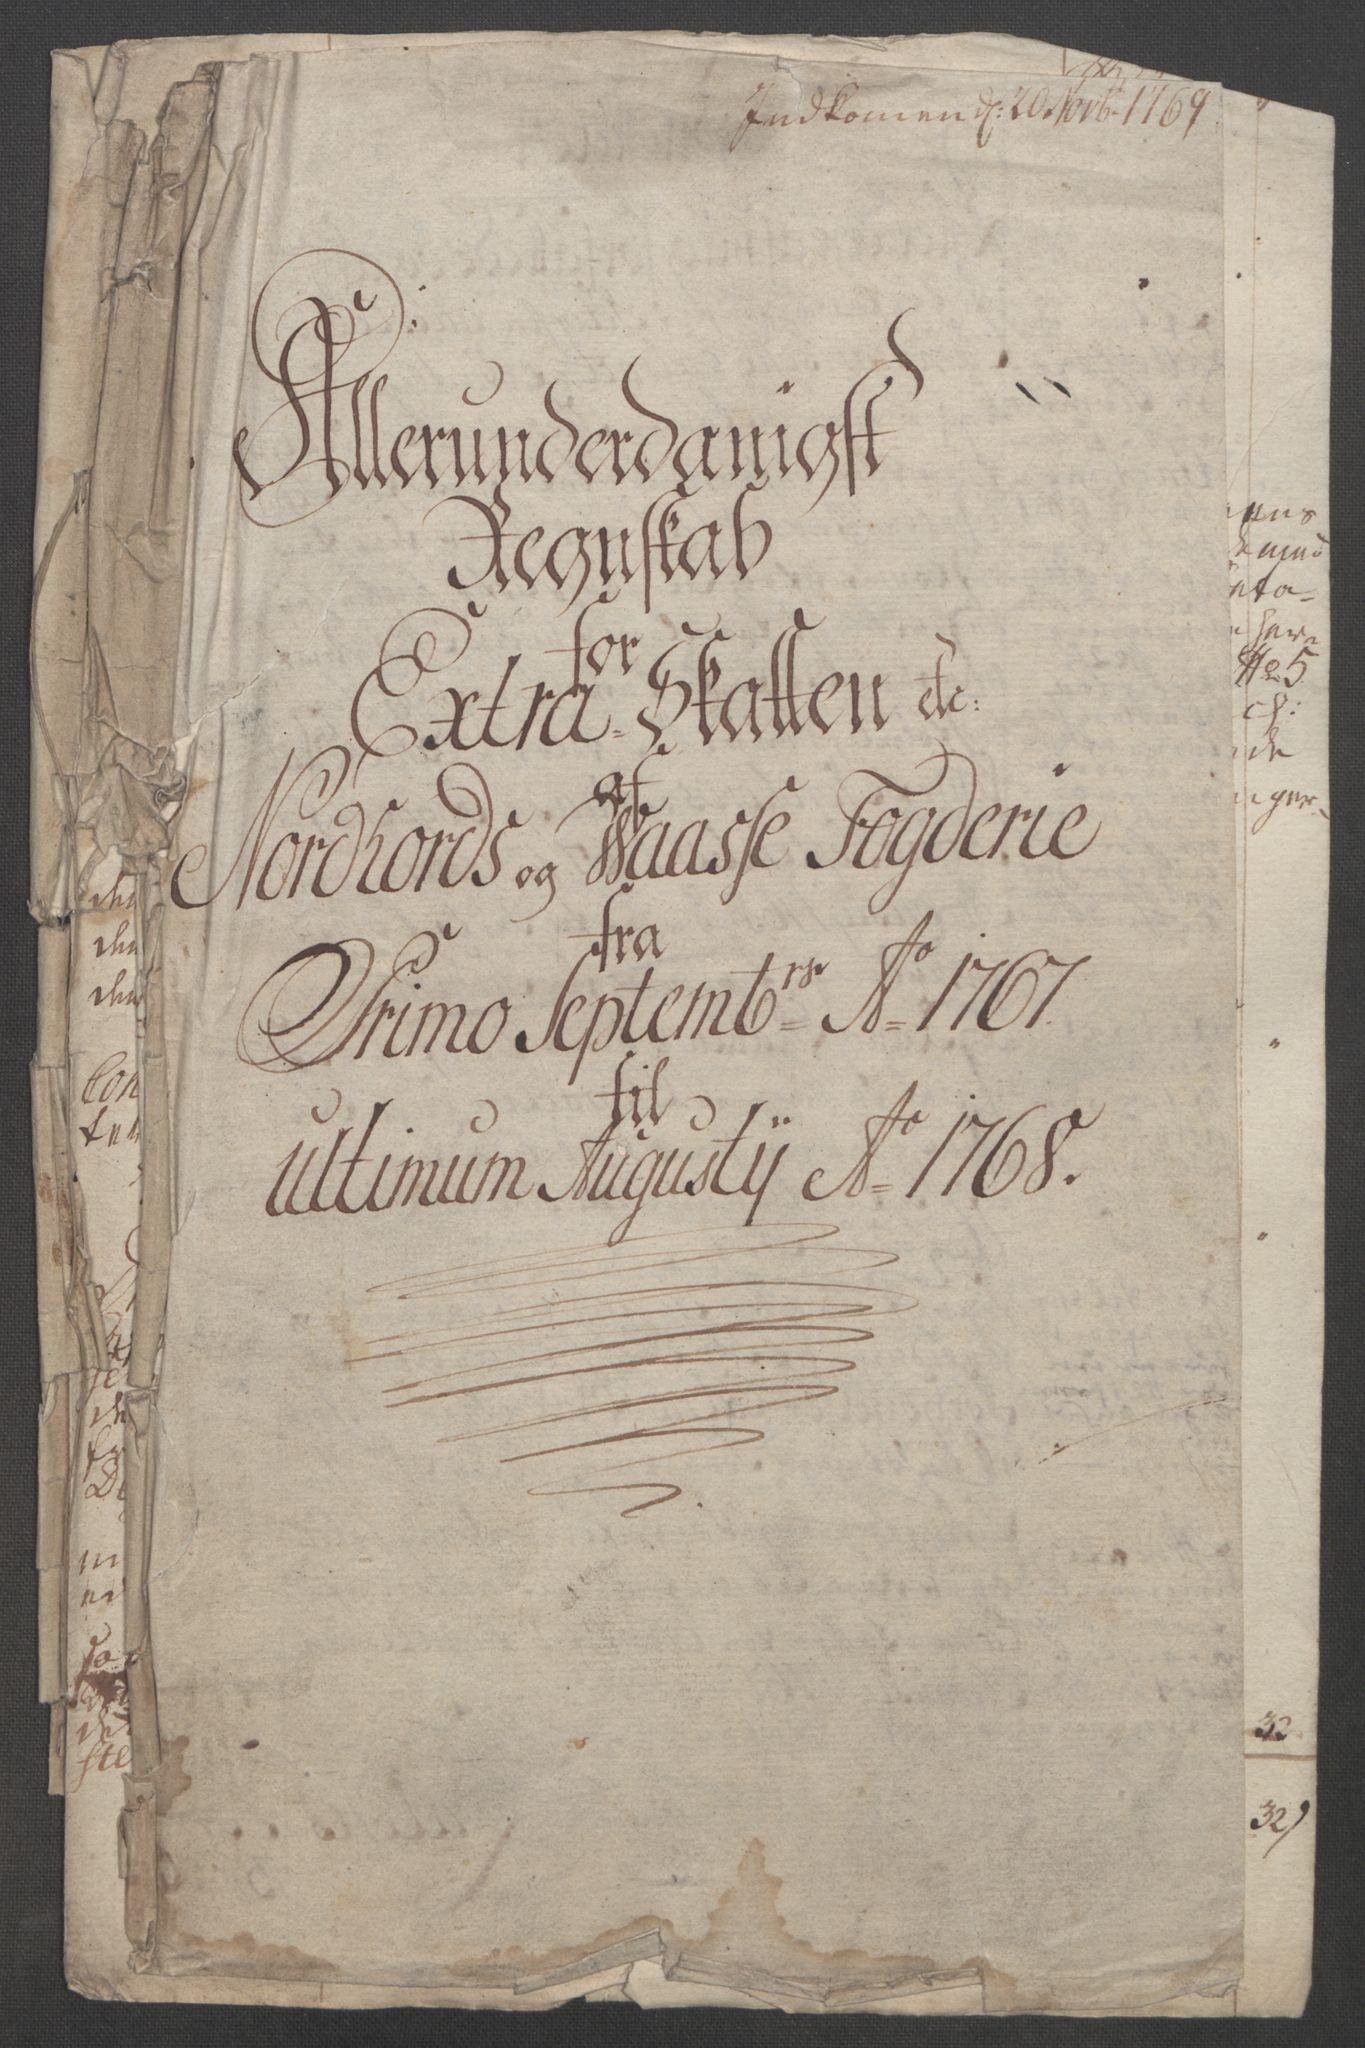 RA, Rentekammeret inntil 1814, Reviderte regnskaper, Fogderegnskap, R51/L3303: Ekstraskatten Nordhordland og Voss, 1762-1772, s. 166